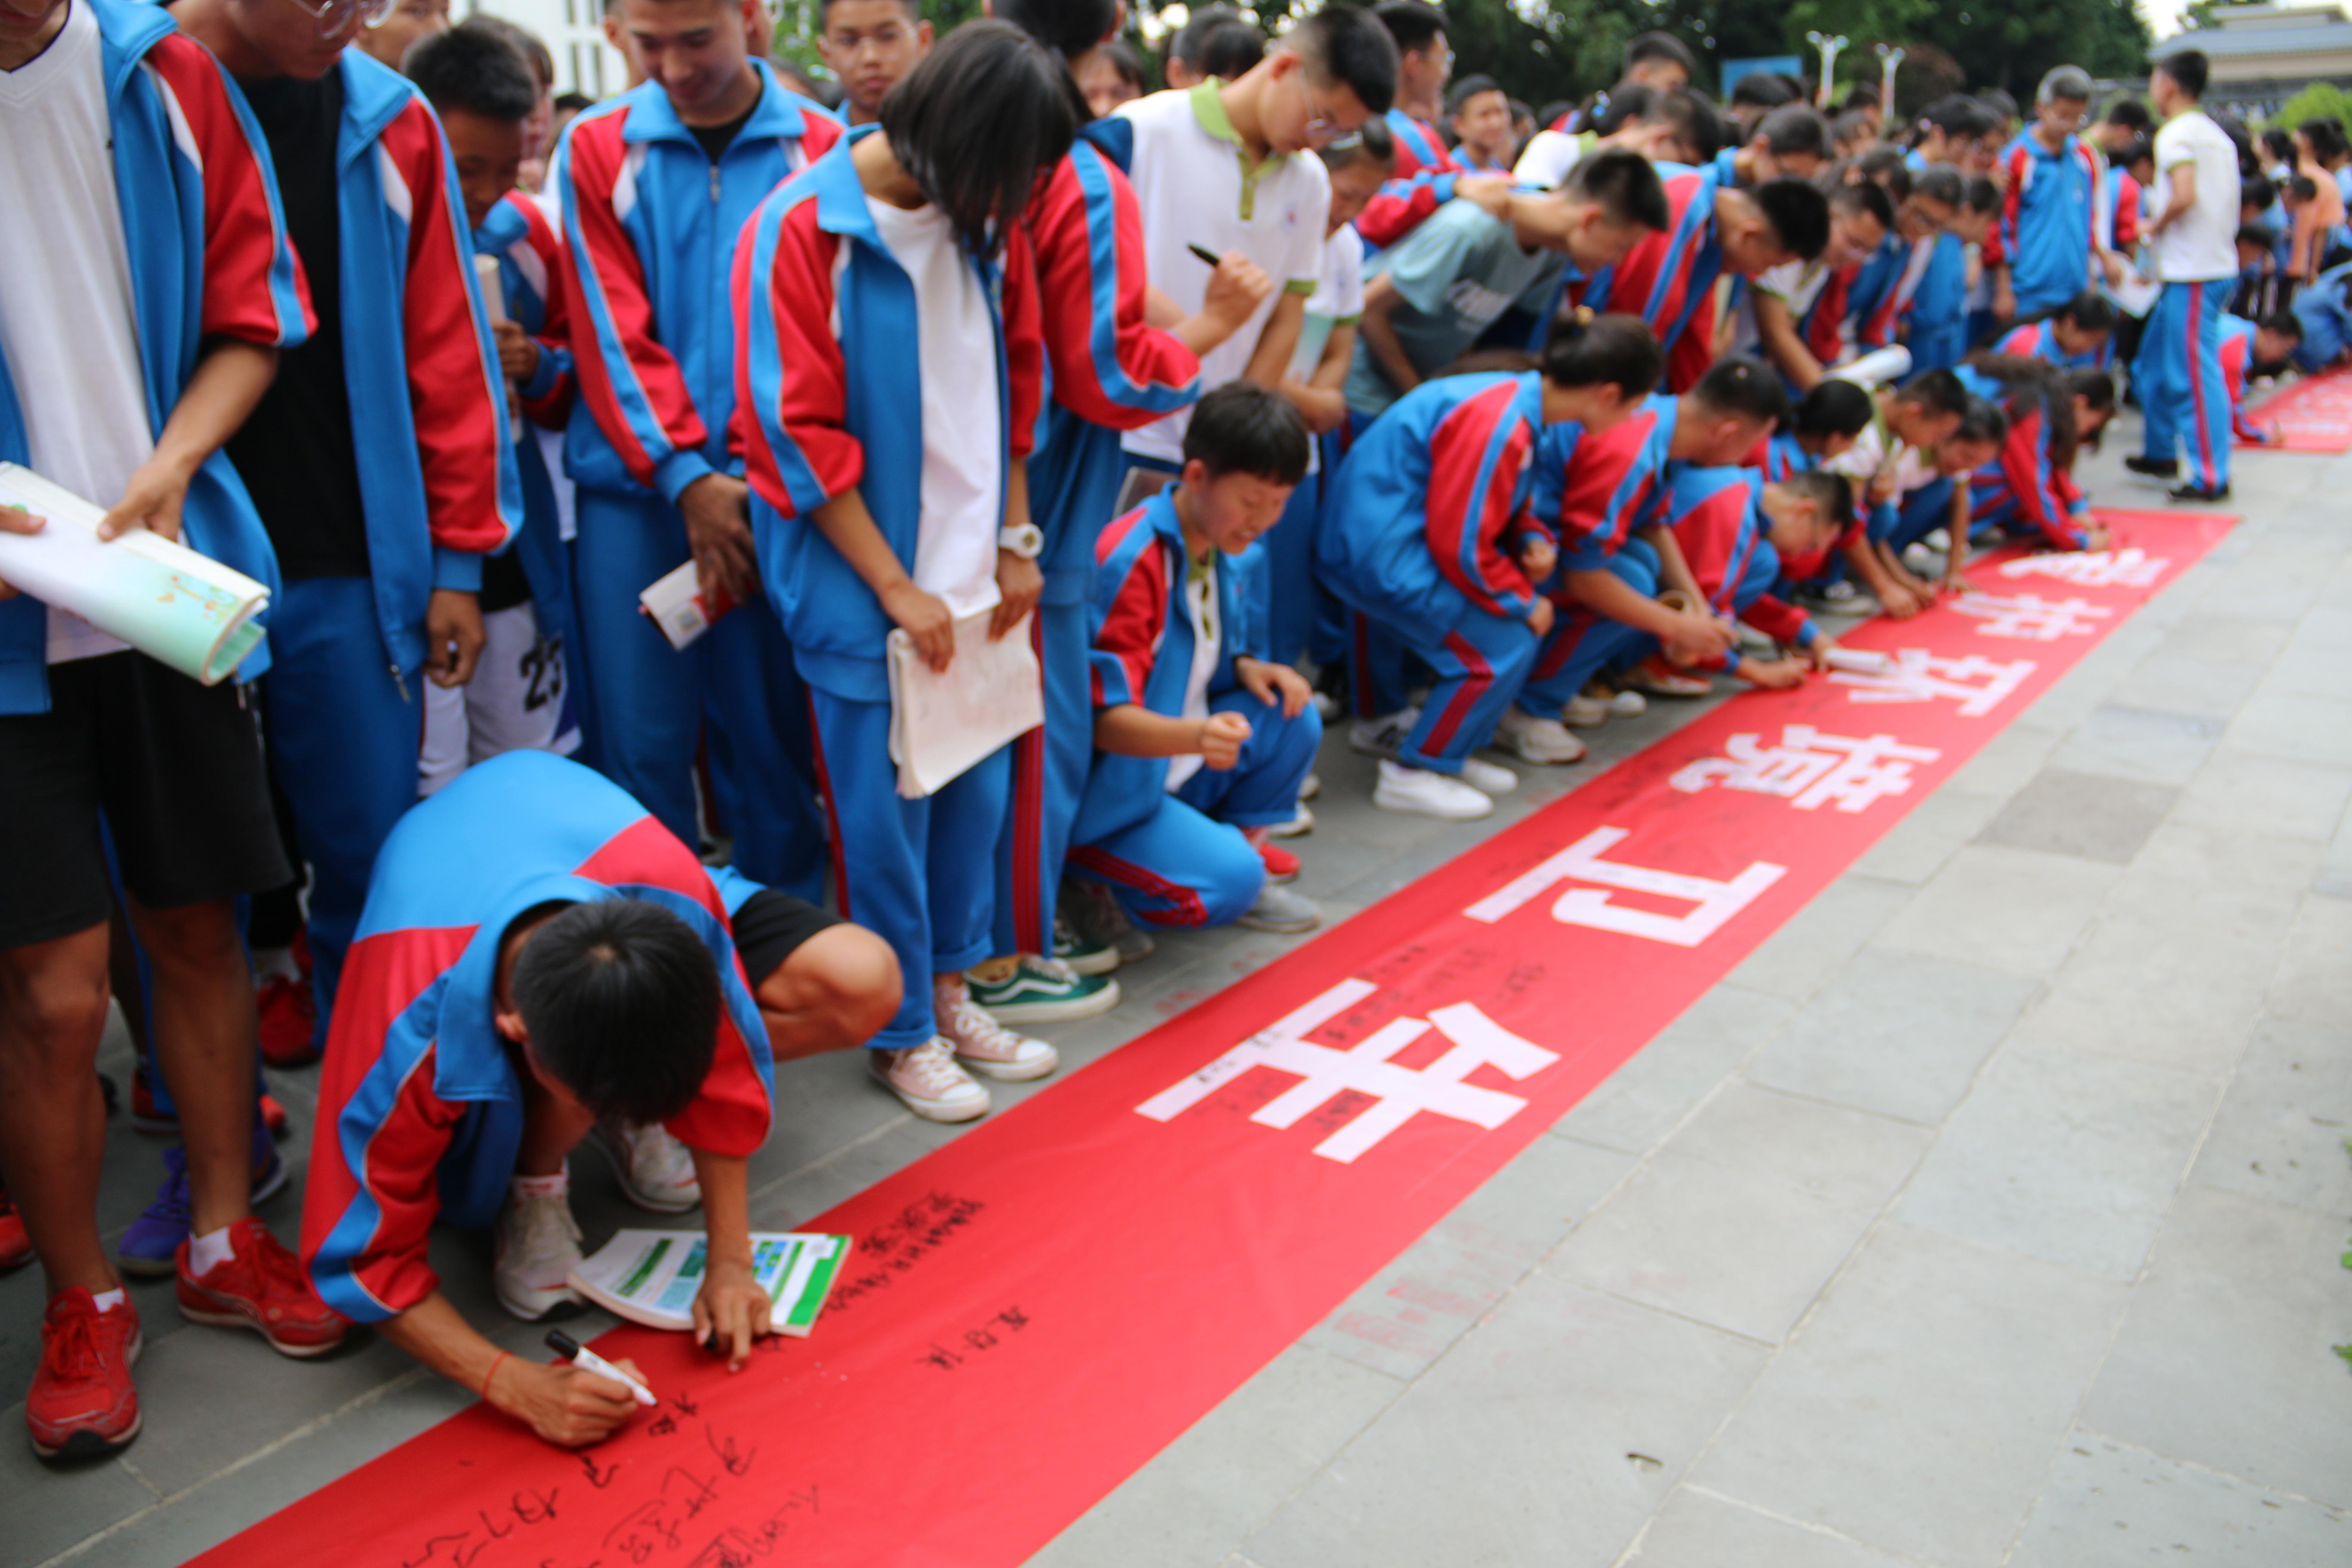 做文明梁中人,从爱护环境卫生做起 --- 梁河县第一中学组织召开爱国卫生运动启动仪式